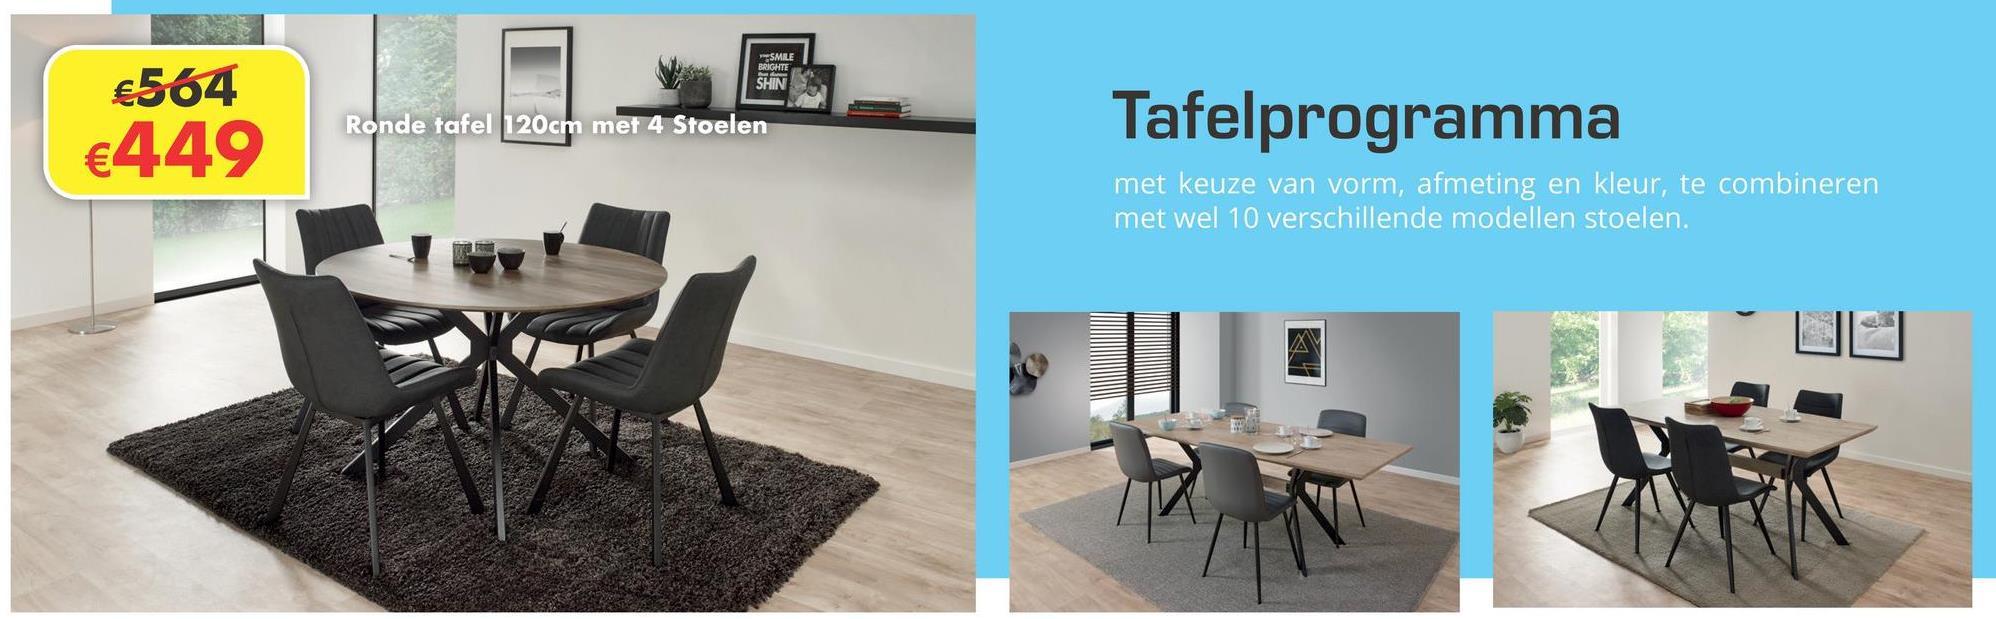 SMILE BRIGHTE SHIN €564 €449 Ronde tafel 120cm met 4 Stoelen Tafelprogramma met keuze van vorm, afmeting en kleur, te combineren met wel 10 verschillende modellen stoelen. X